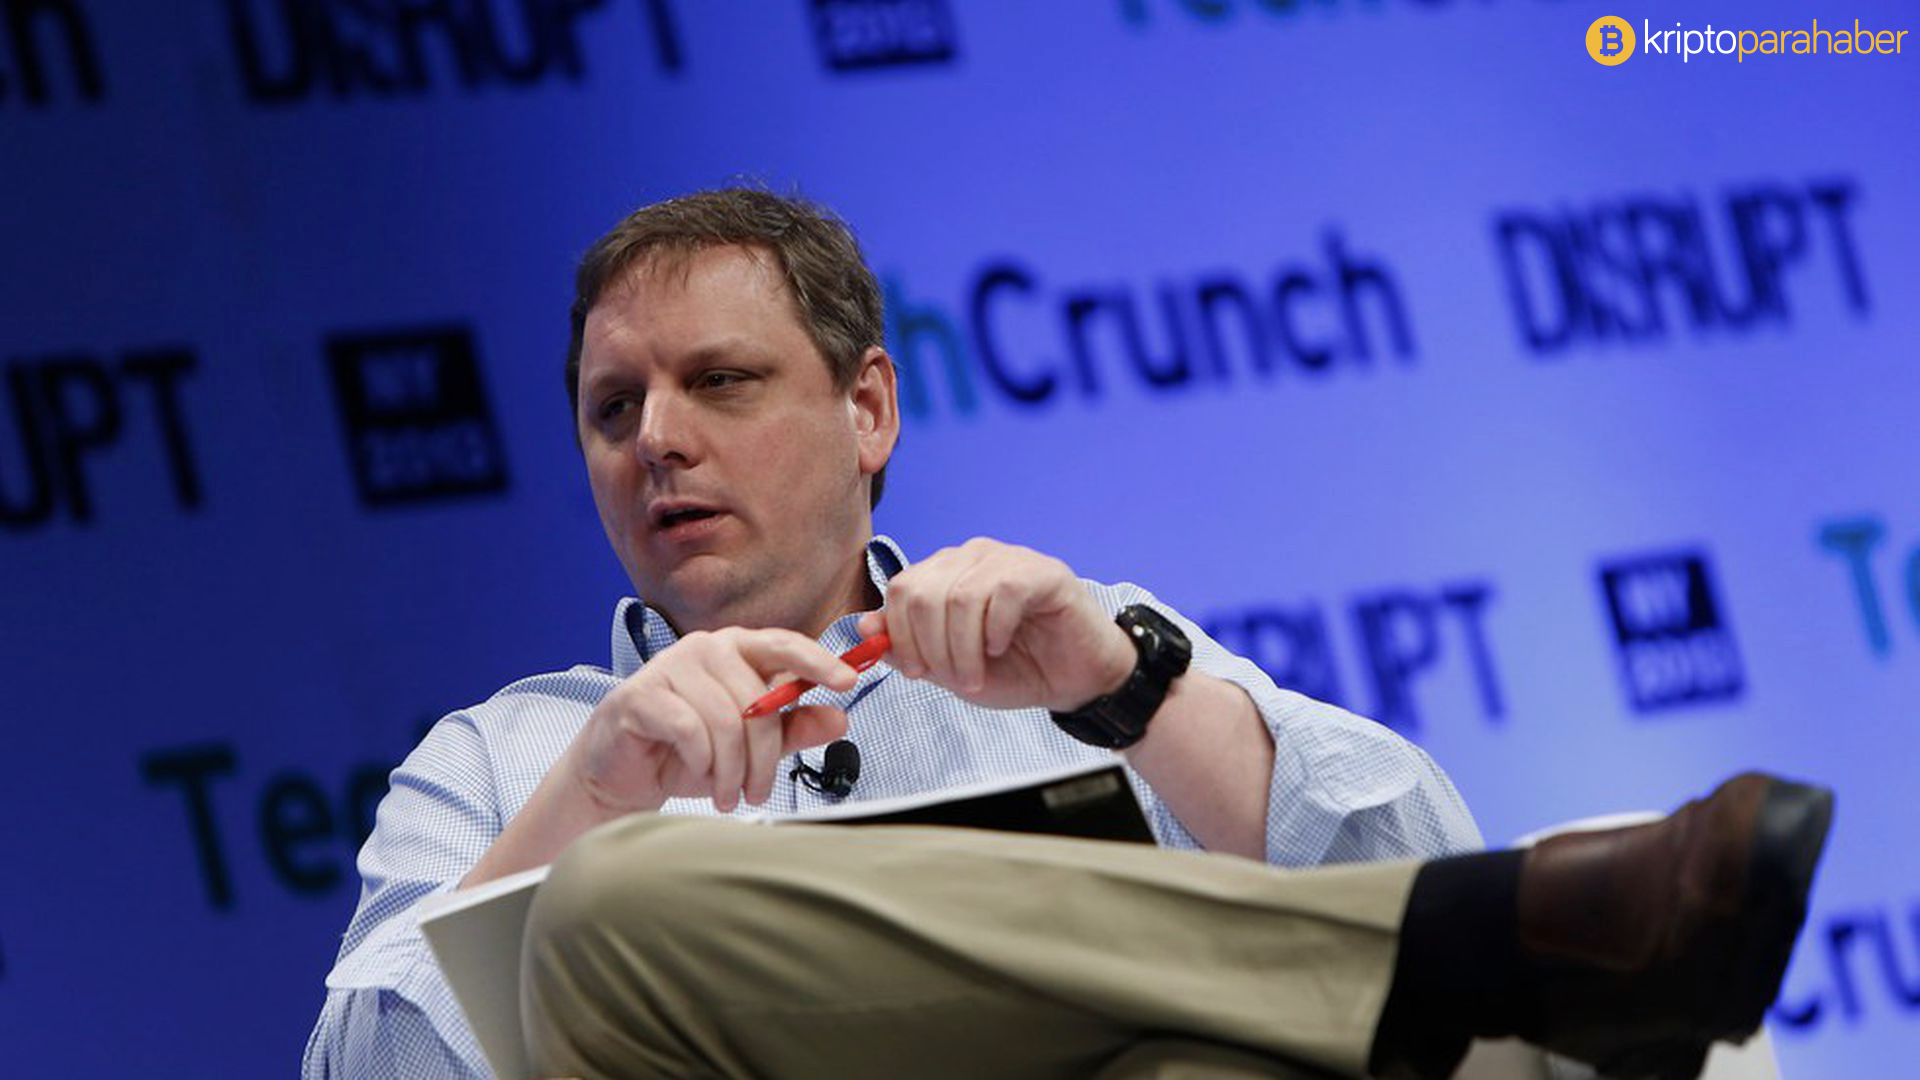 TechCrunch kurucusu Arrington Ripple'ı övdü.